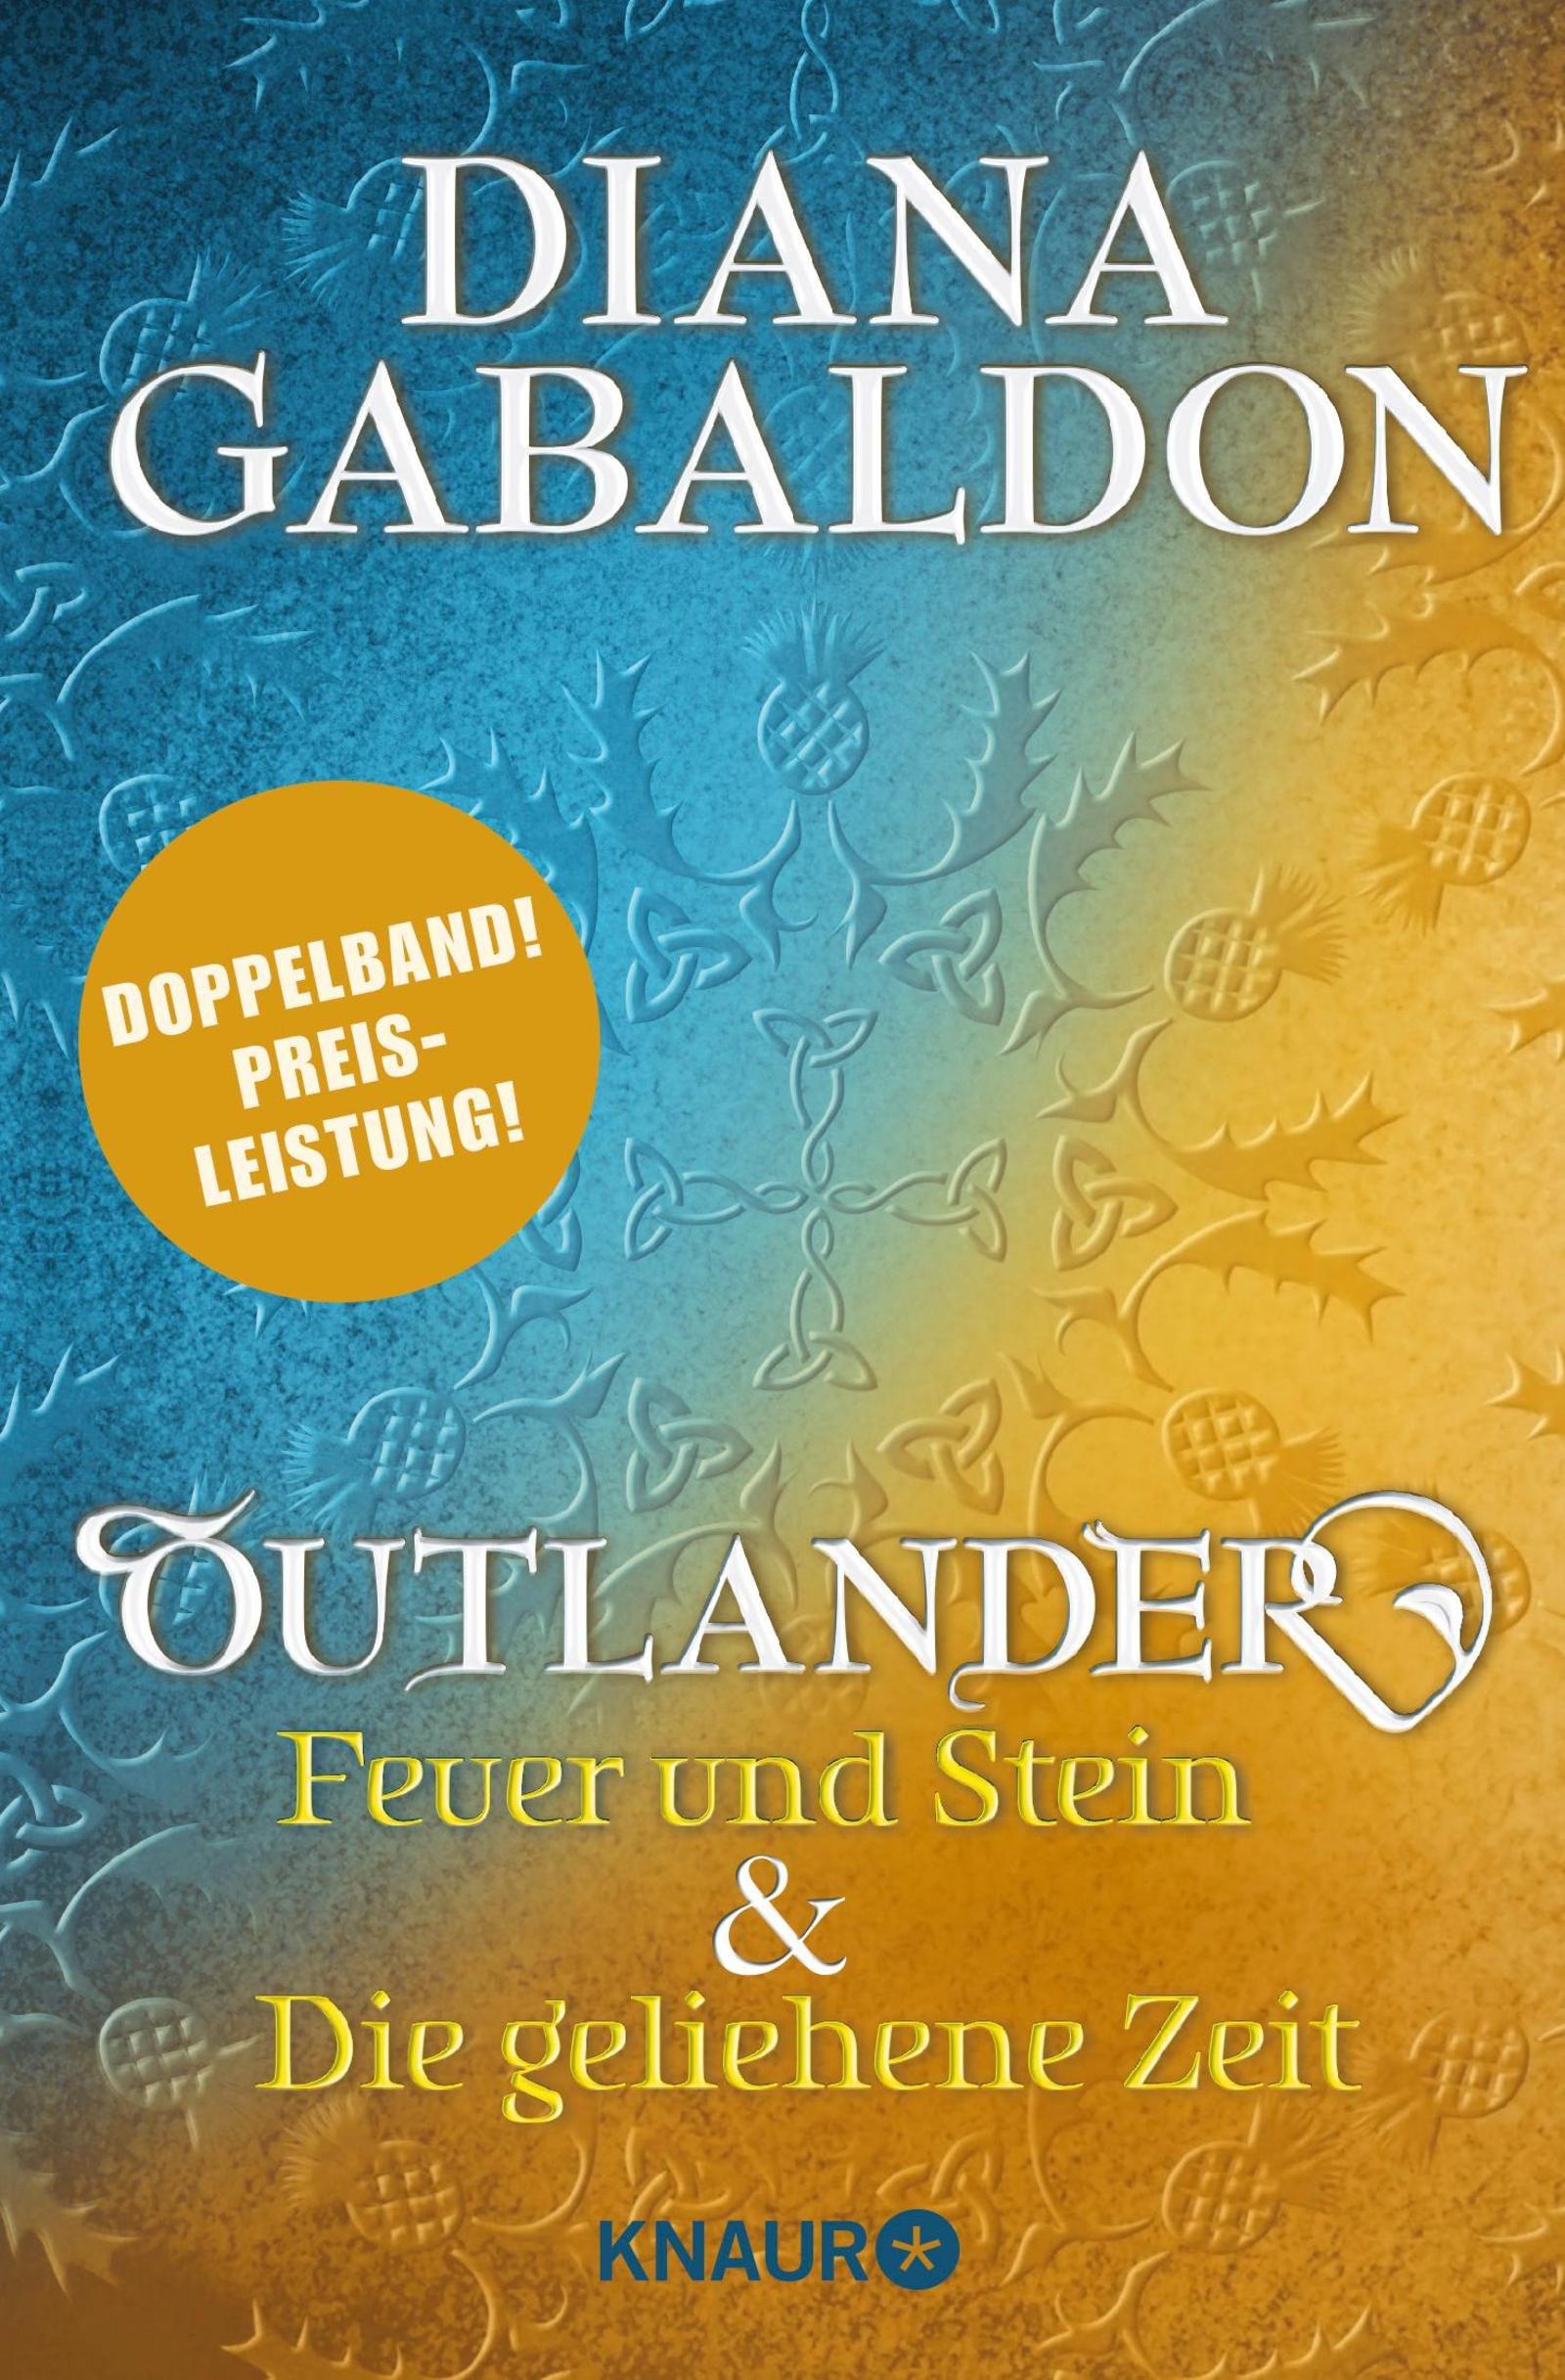 Outlander – Feuer und Stein & Outlander - Die geliehene Zeit: Zwei Romane in einem Band